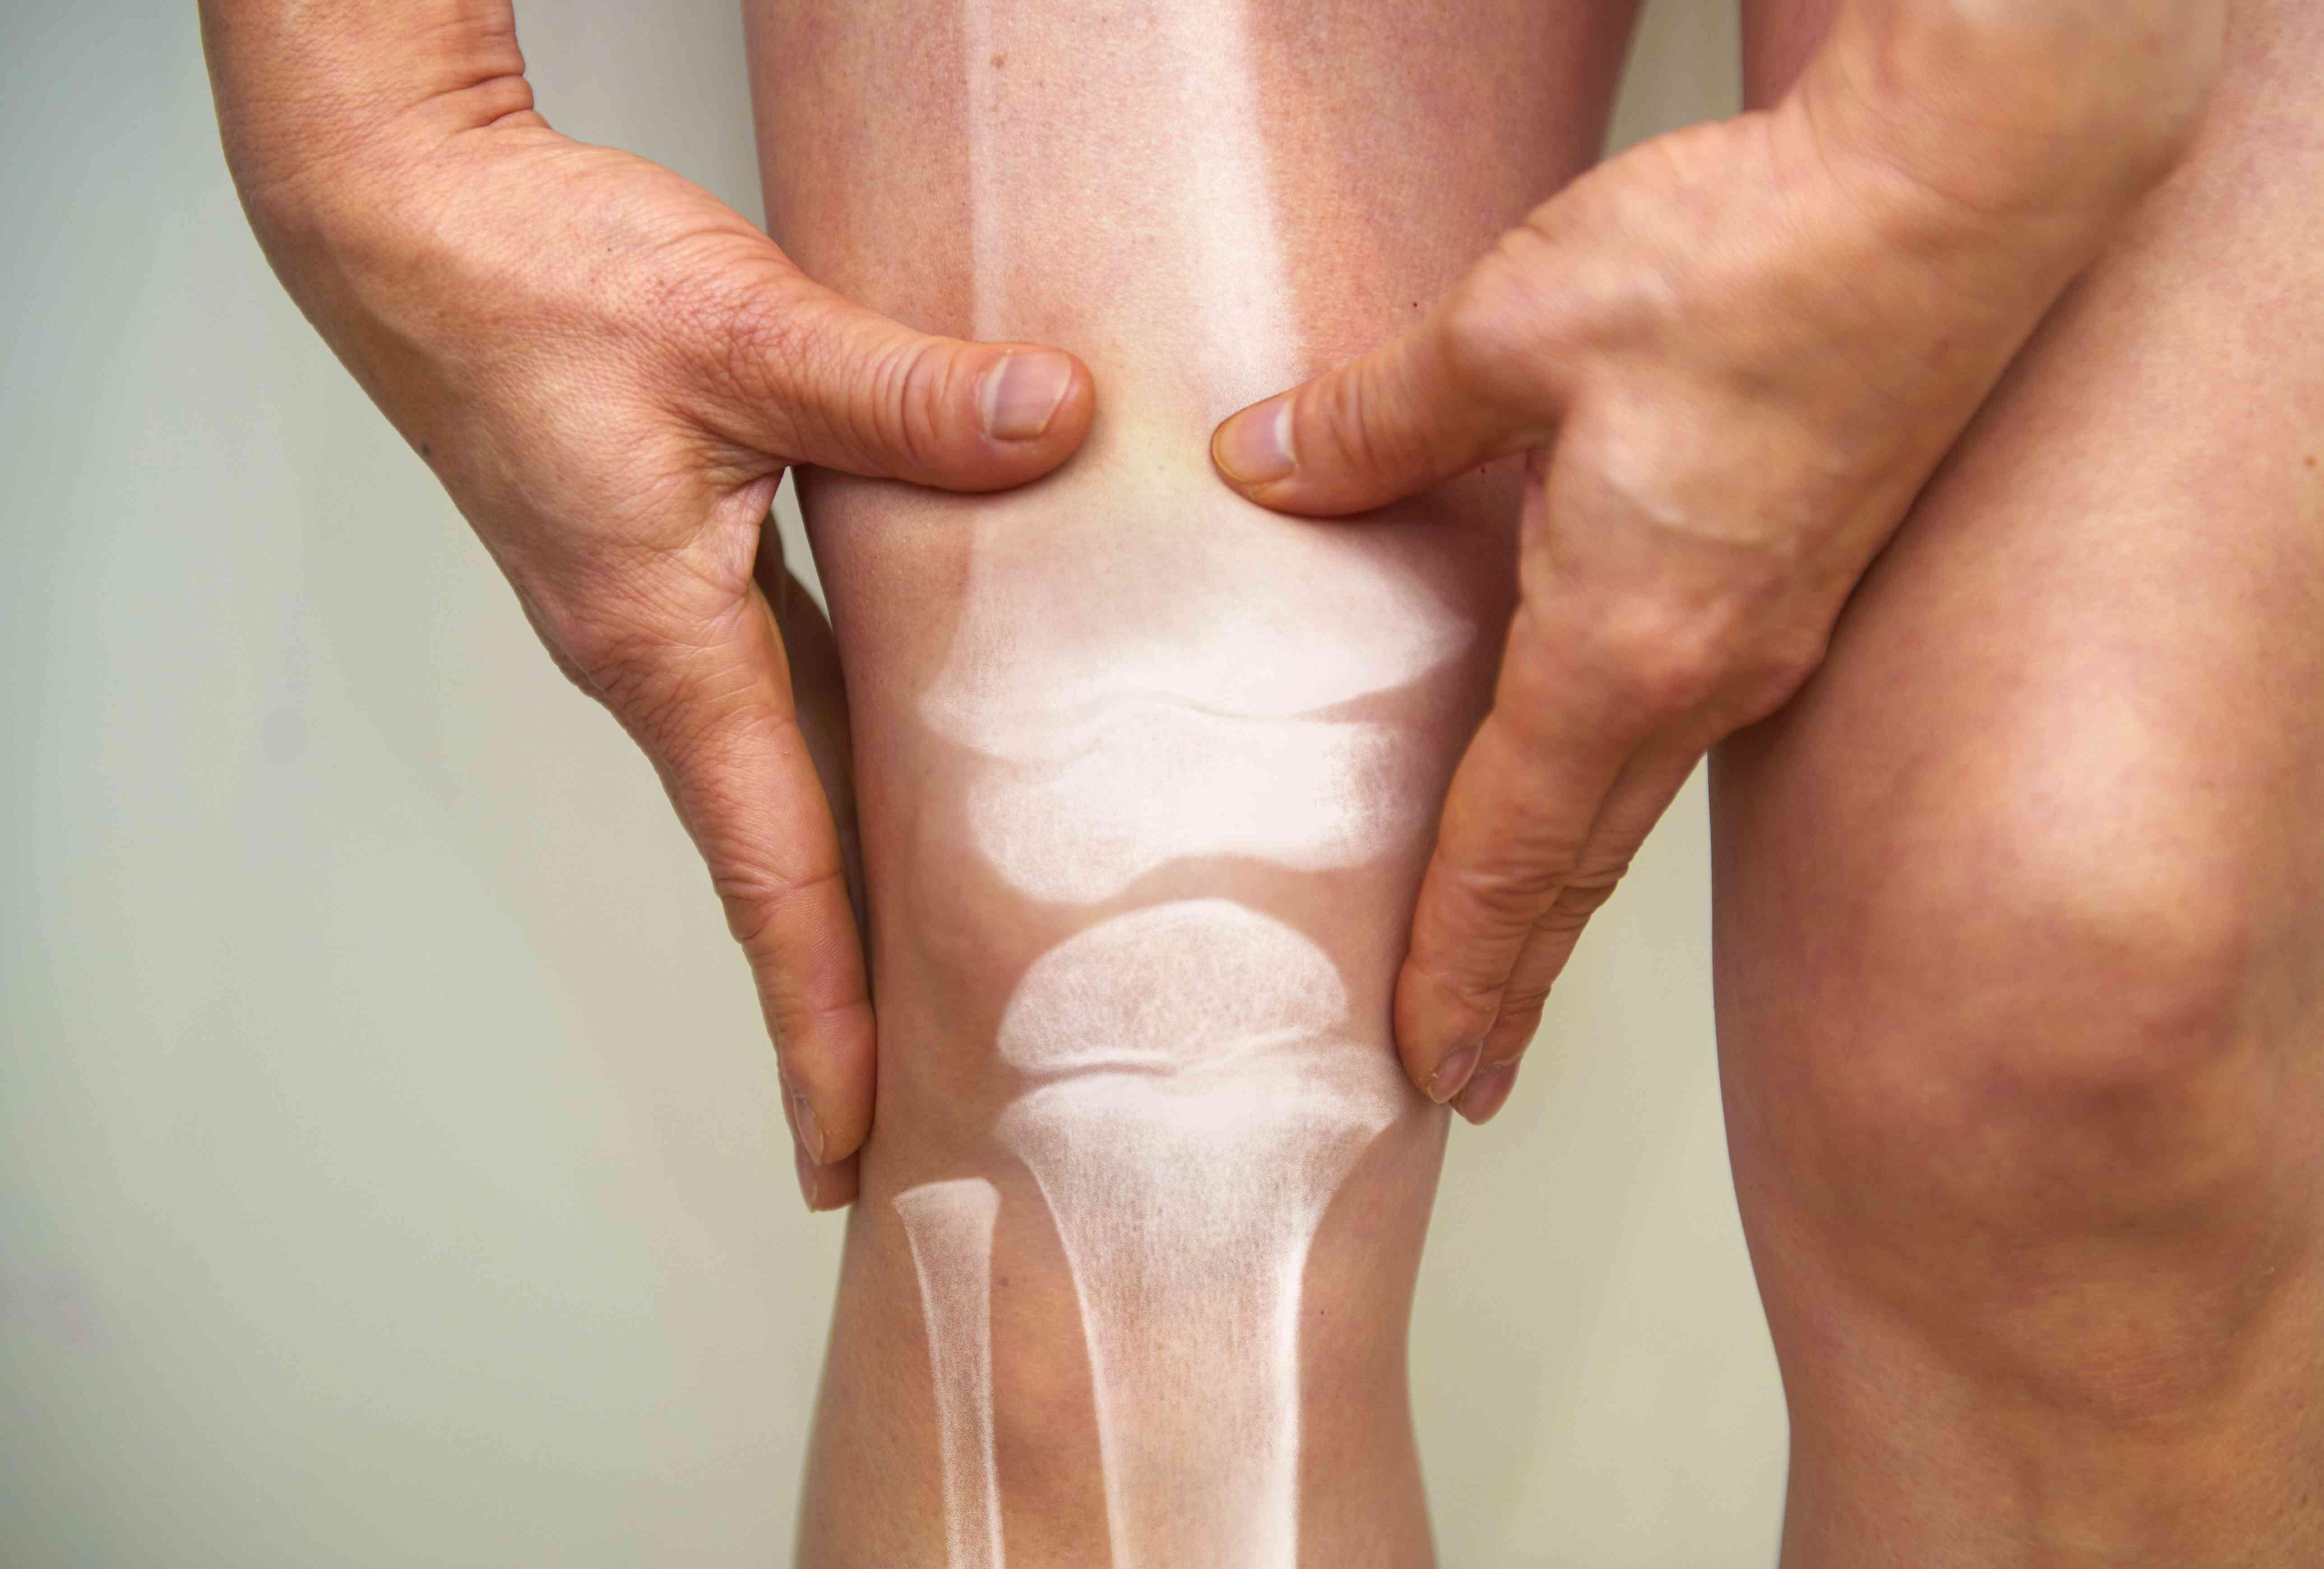 X-ray of knee - osteoarthritis and rheumatoid arthritis